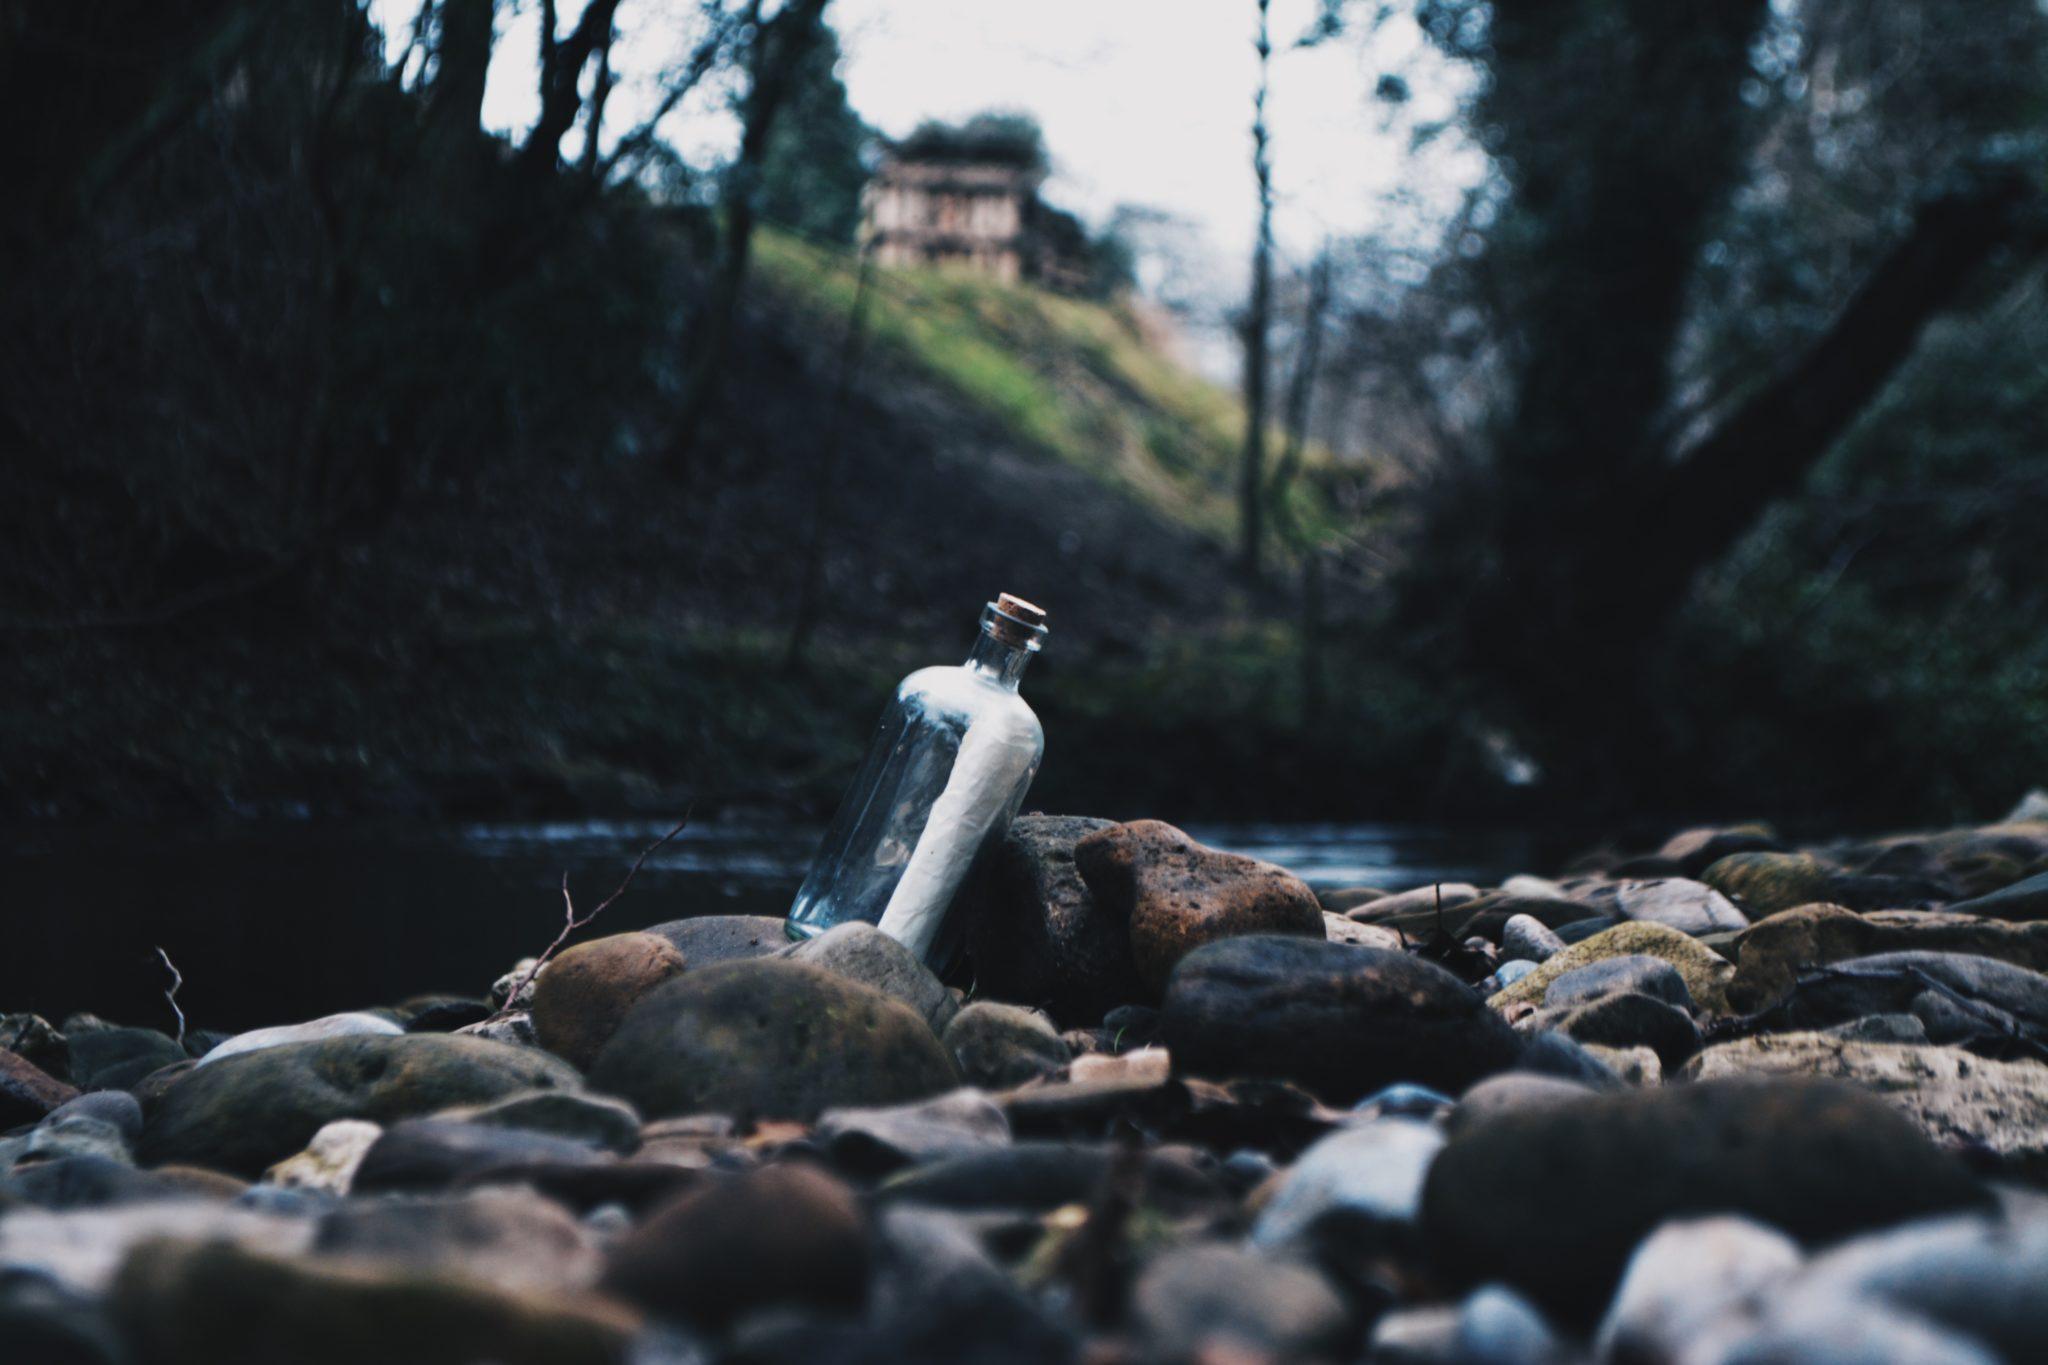 Eine Glasflasche am Ufer eines Flüsschens.